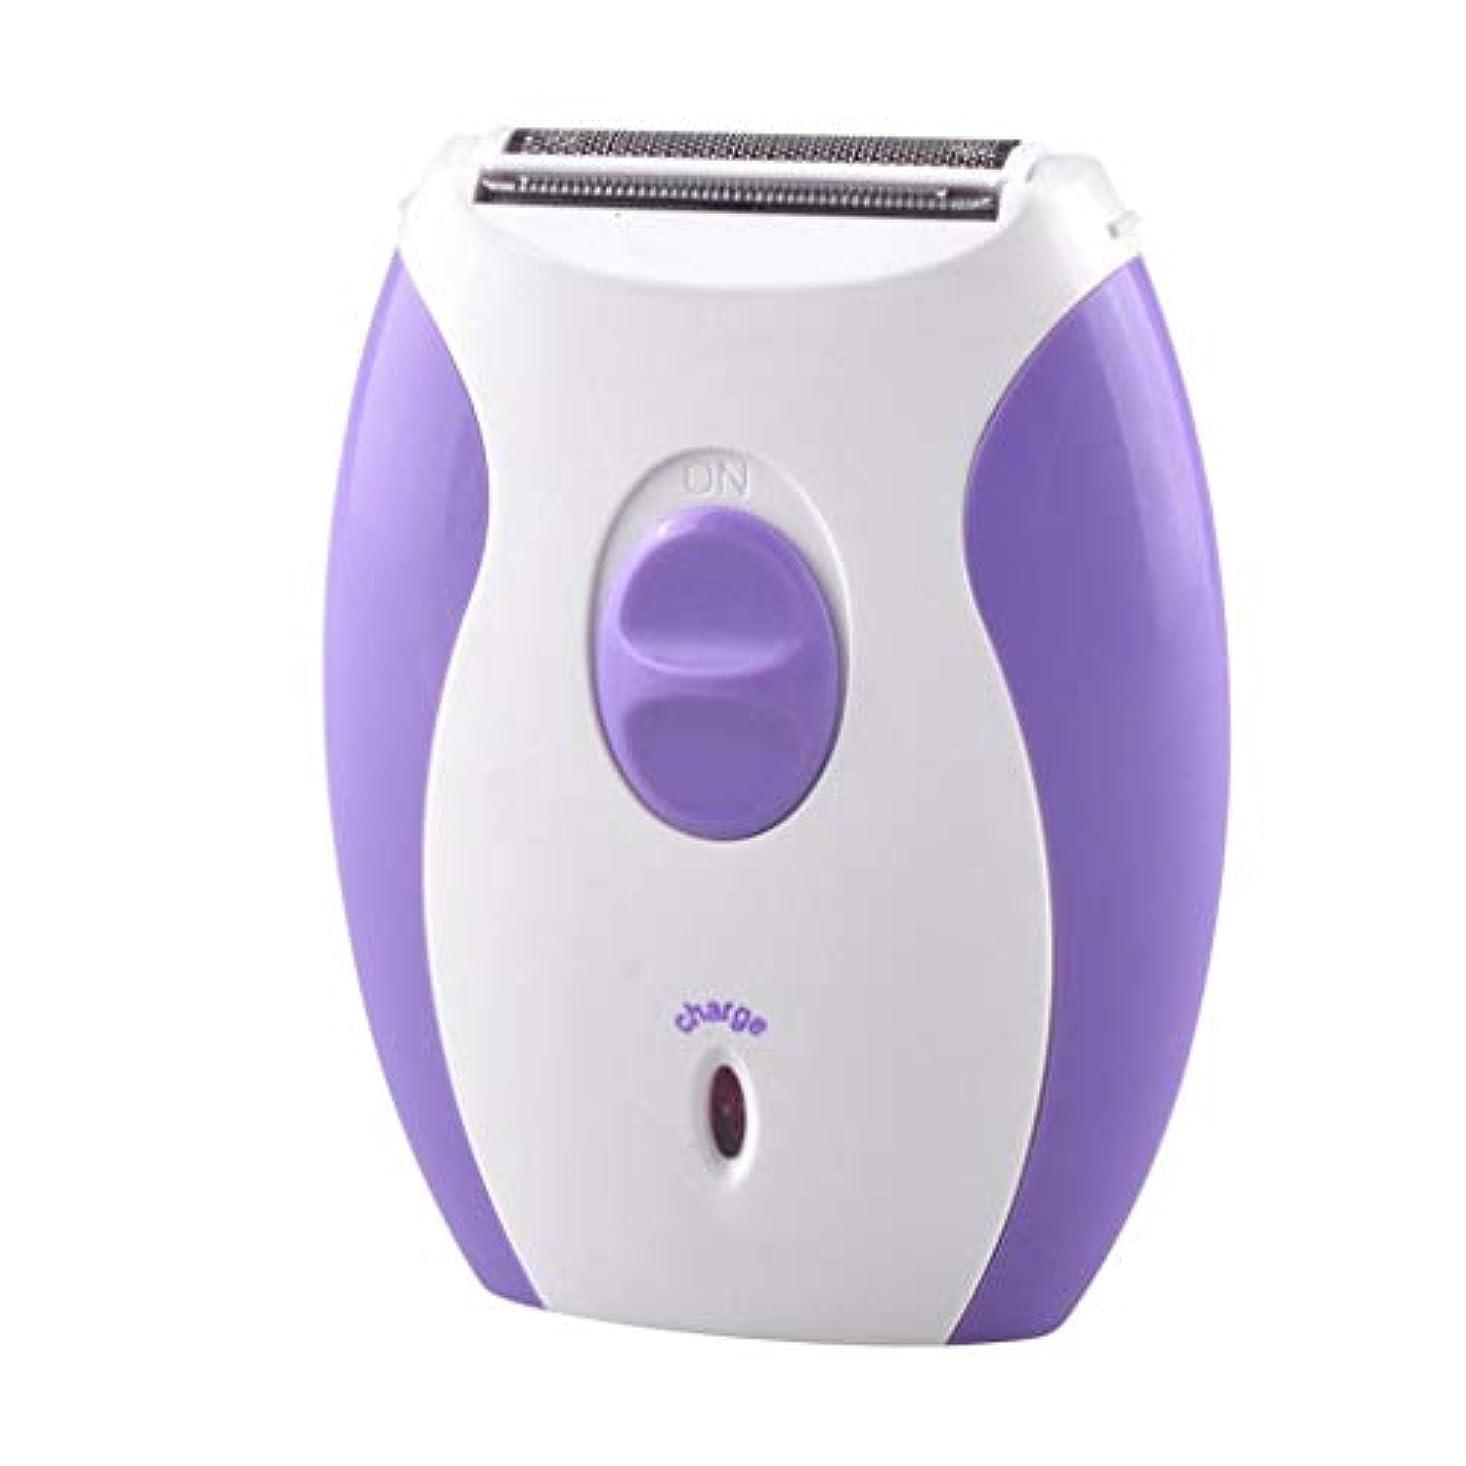 主観的エッセイ構成員女性用電気かみそり、多機能用ポータブルボディ脱毛器充電式ユニセックス脱毛器は、足から余分な髪を取り除きます (Color : Purple)